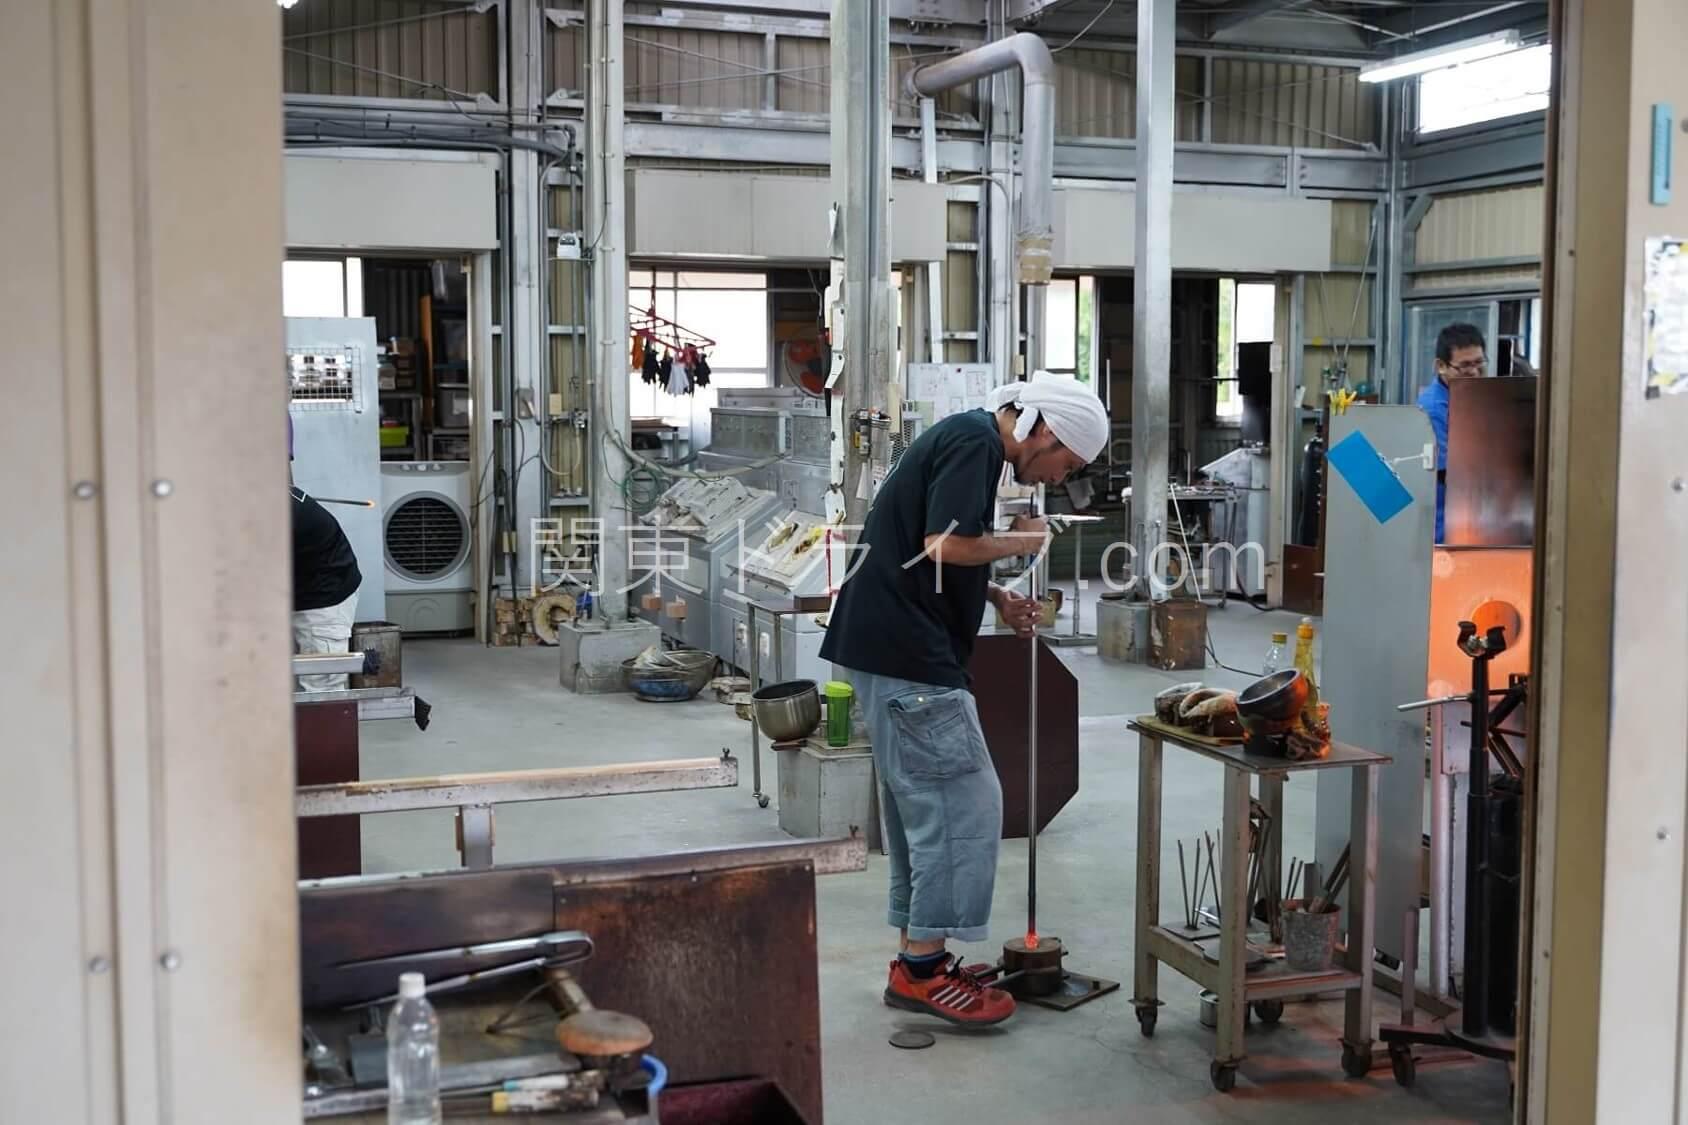 「匠工房」の琉球ガラス作成体験コーナー